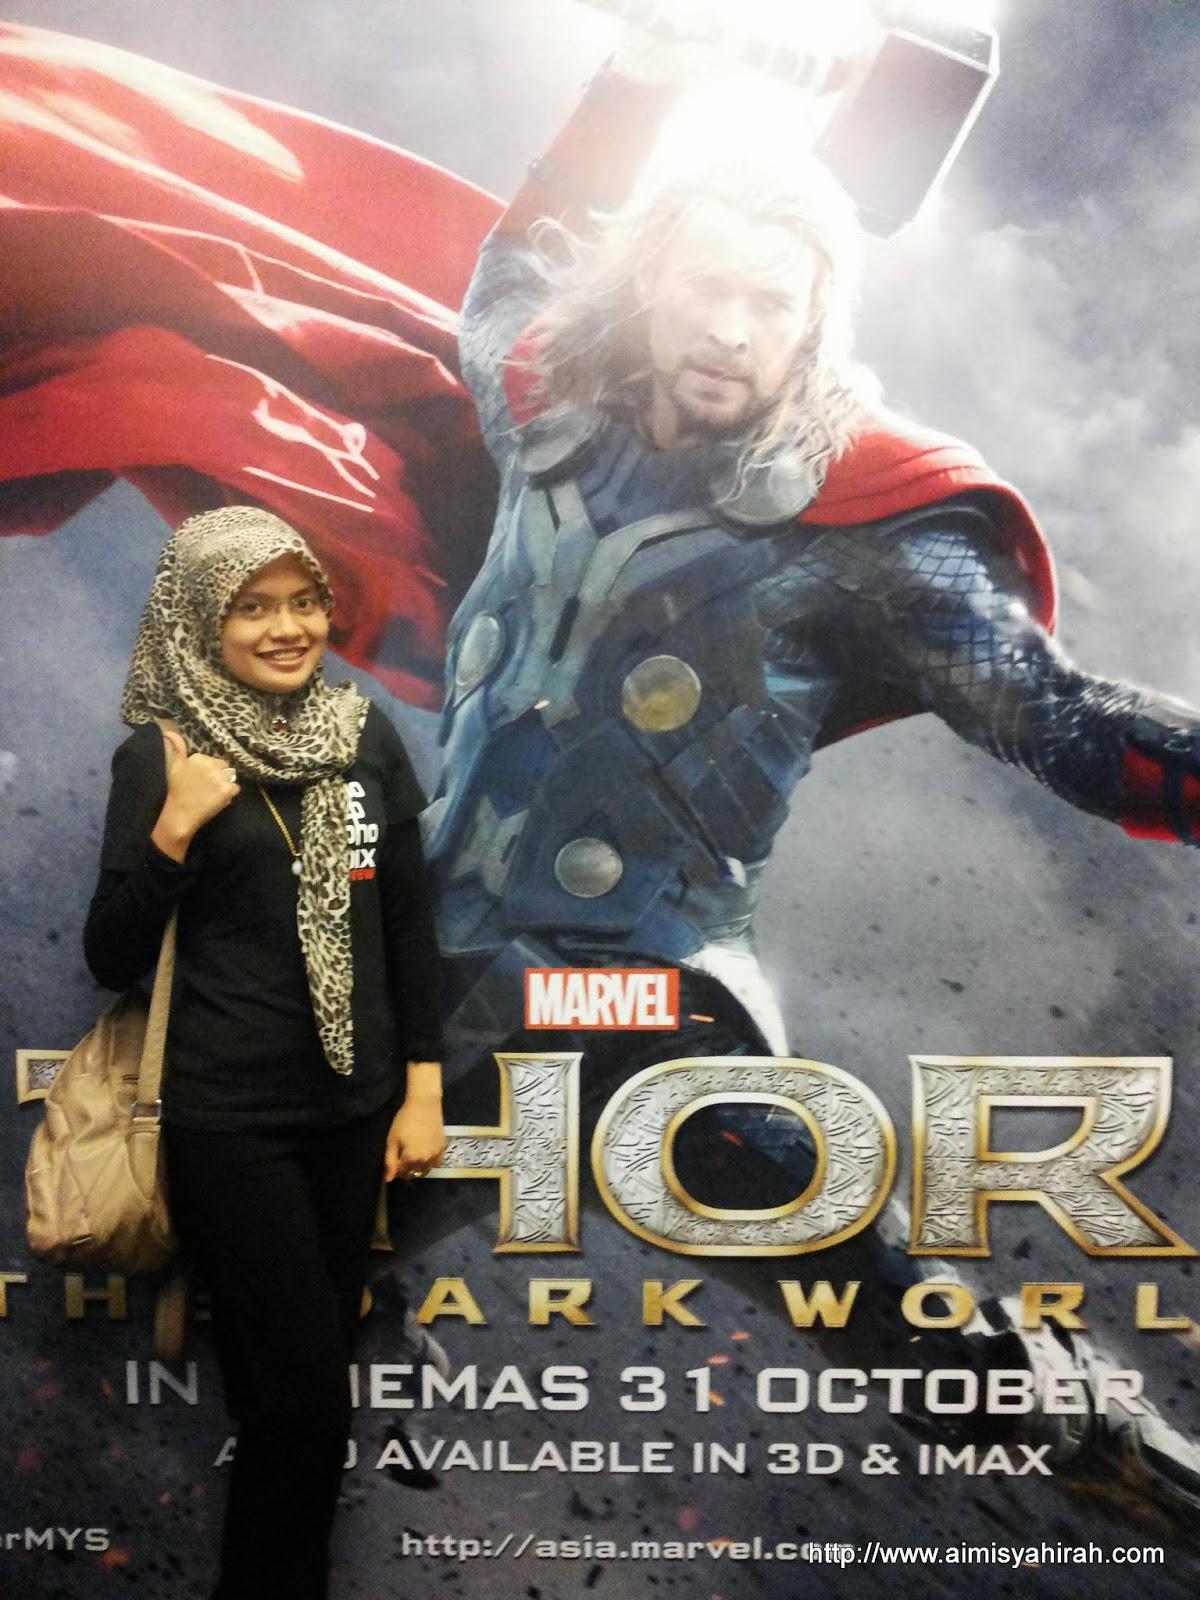 Perghh memang best story Thor ni Saya memang follow filem keluaran Marvel ni since jatuh cinta dengan movie The Avengers Sangat adventure tapi sarat